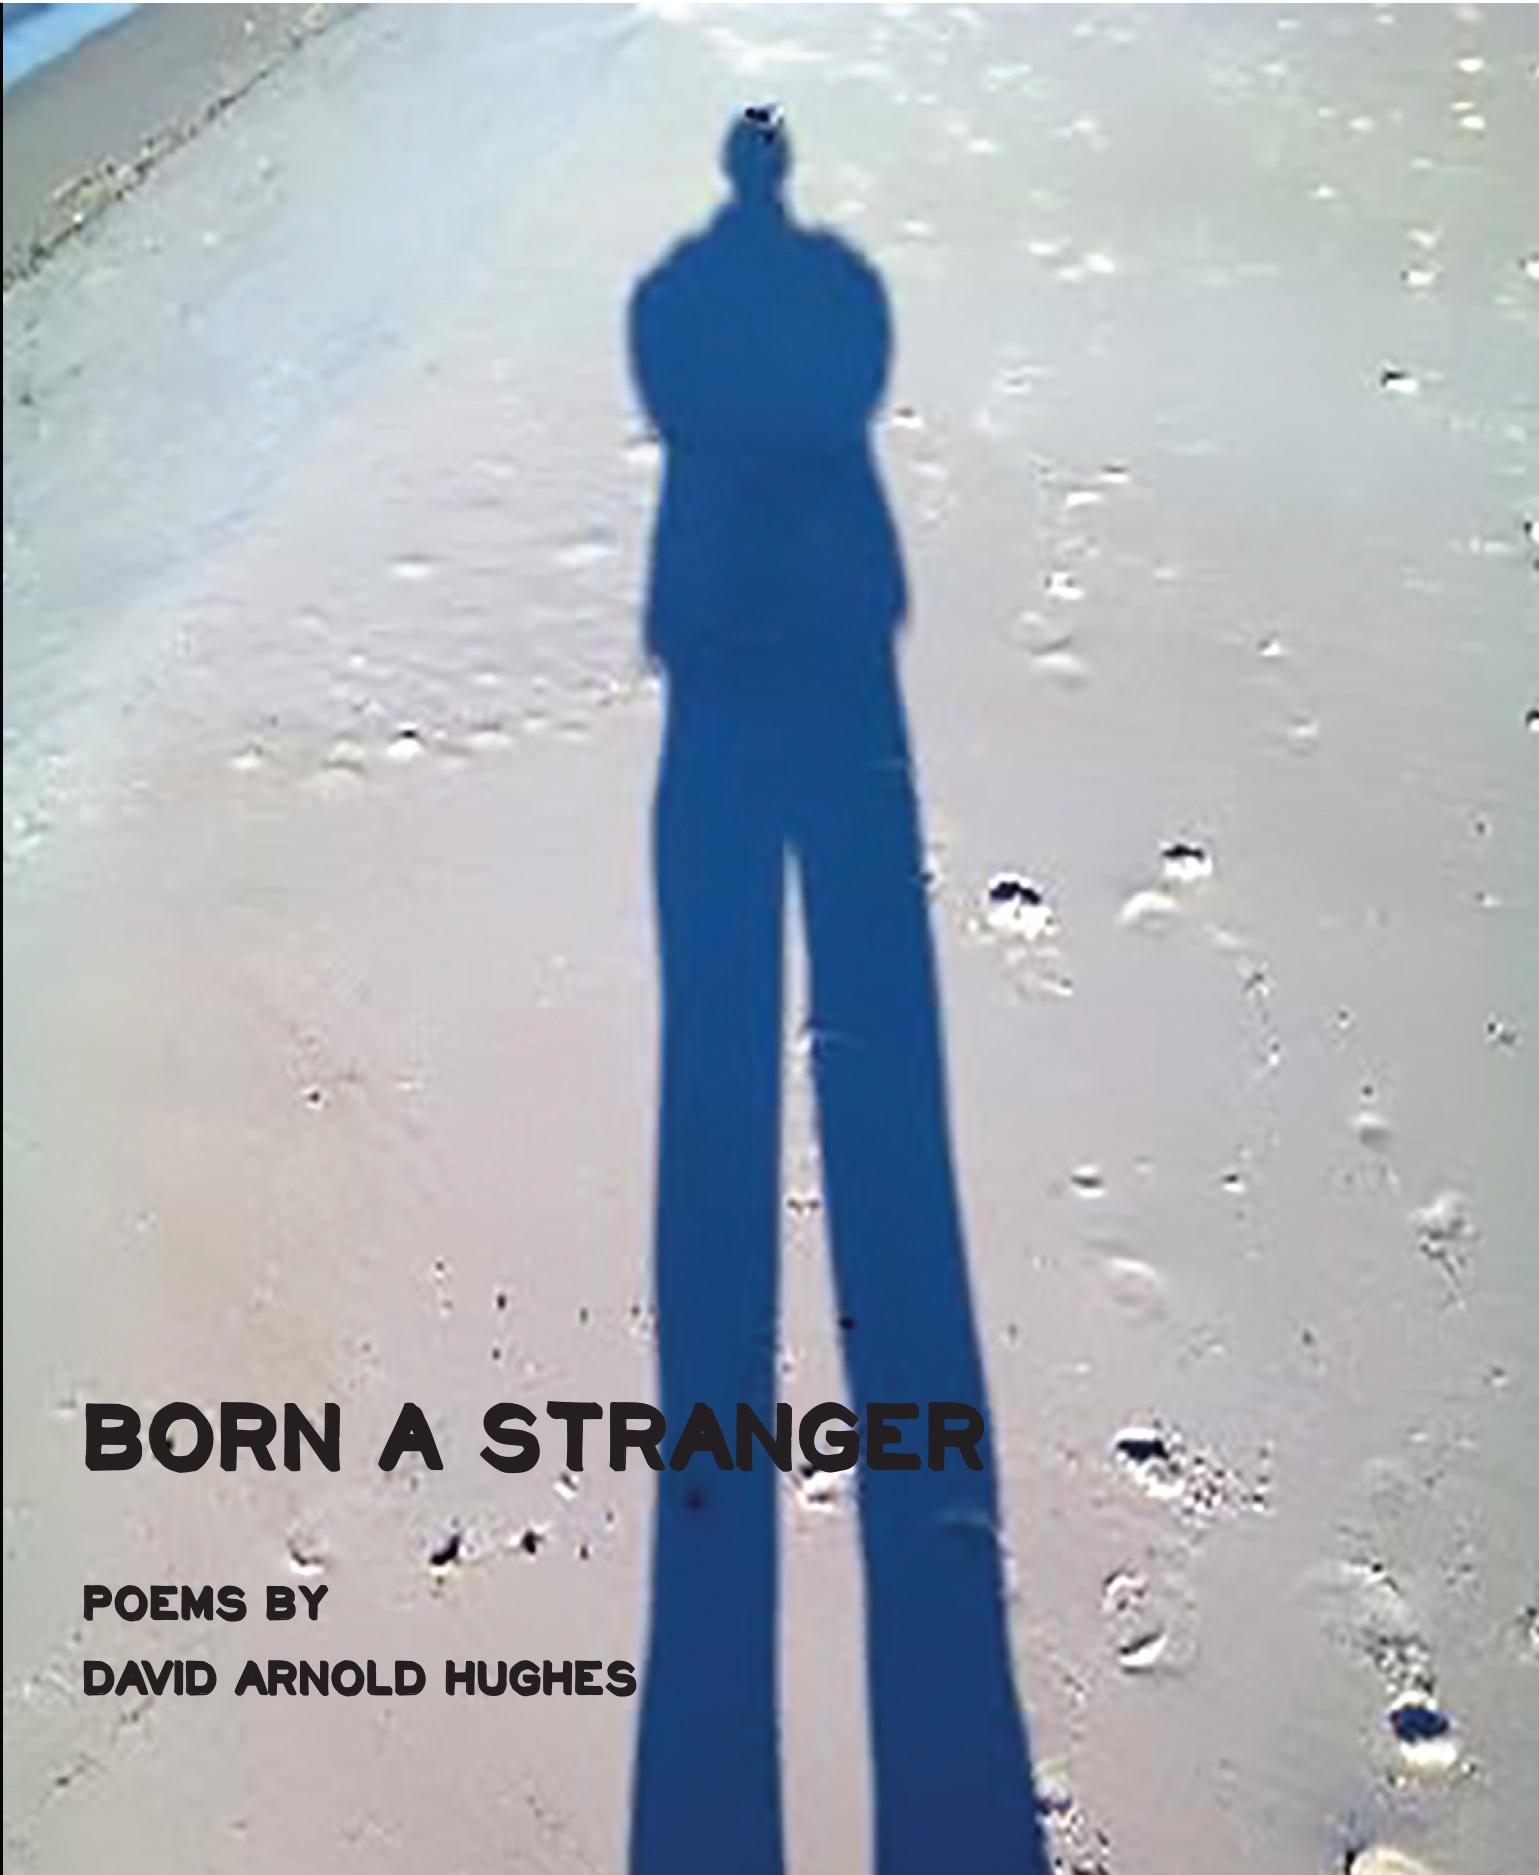 Born a Stranger